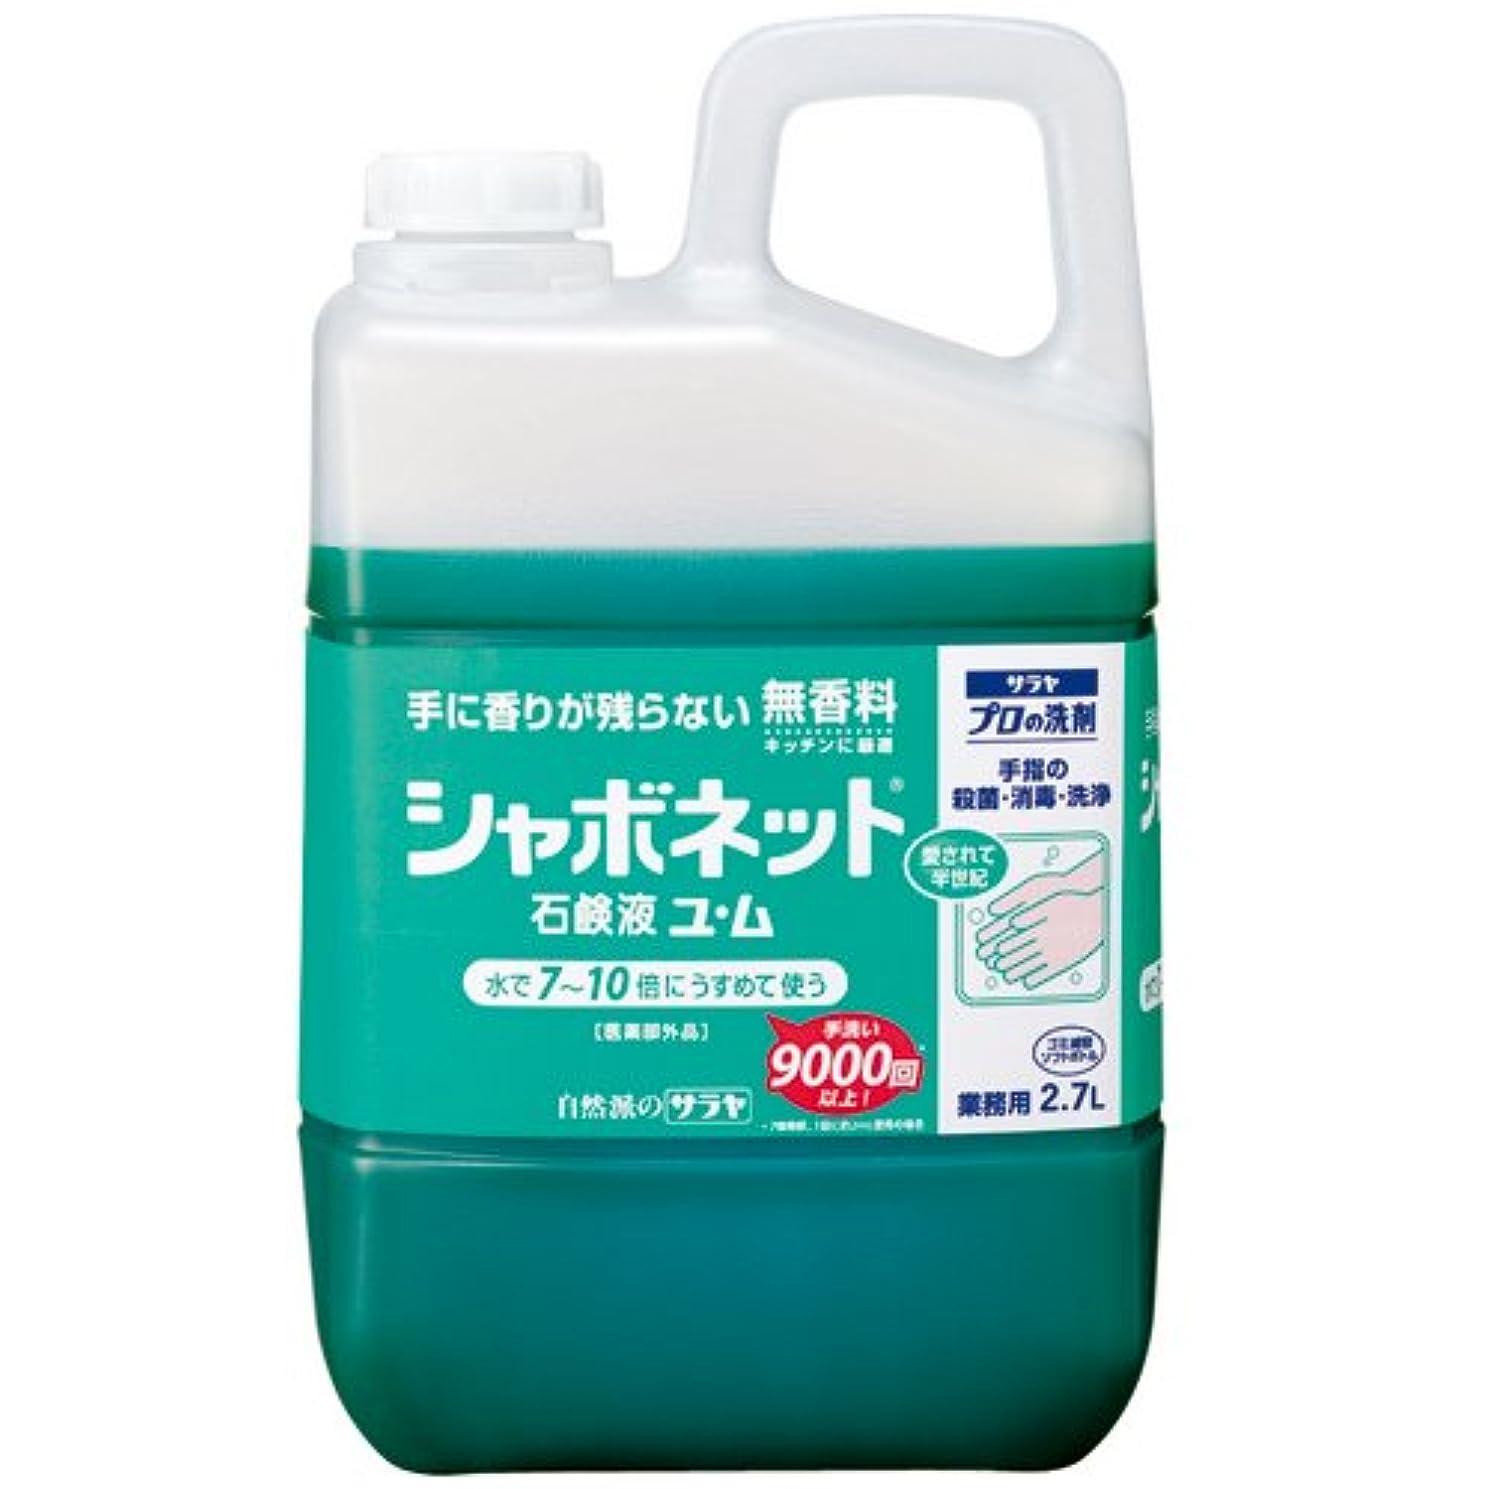 ありそうはねかける標高サラヤ シャボネット 石鹸液 ユ?ム 業務用 2.7L